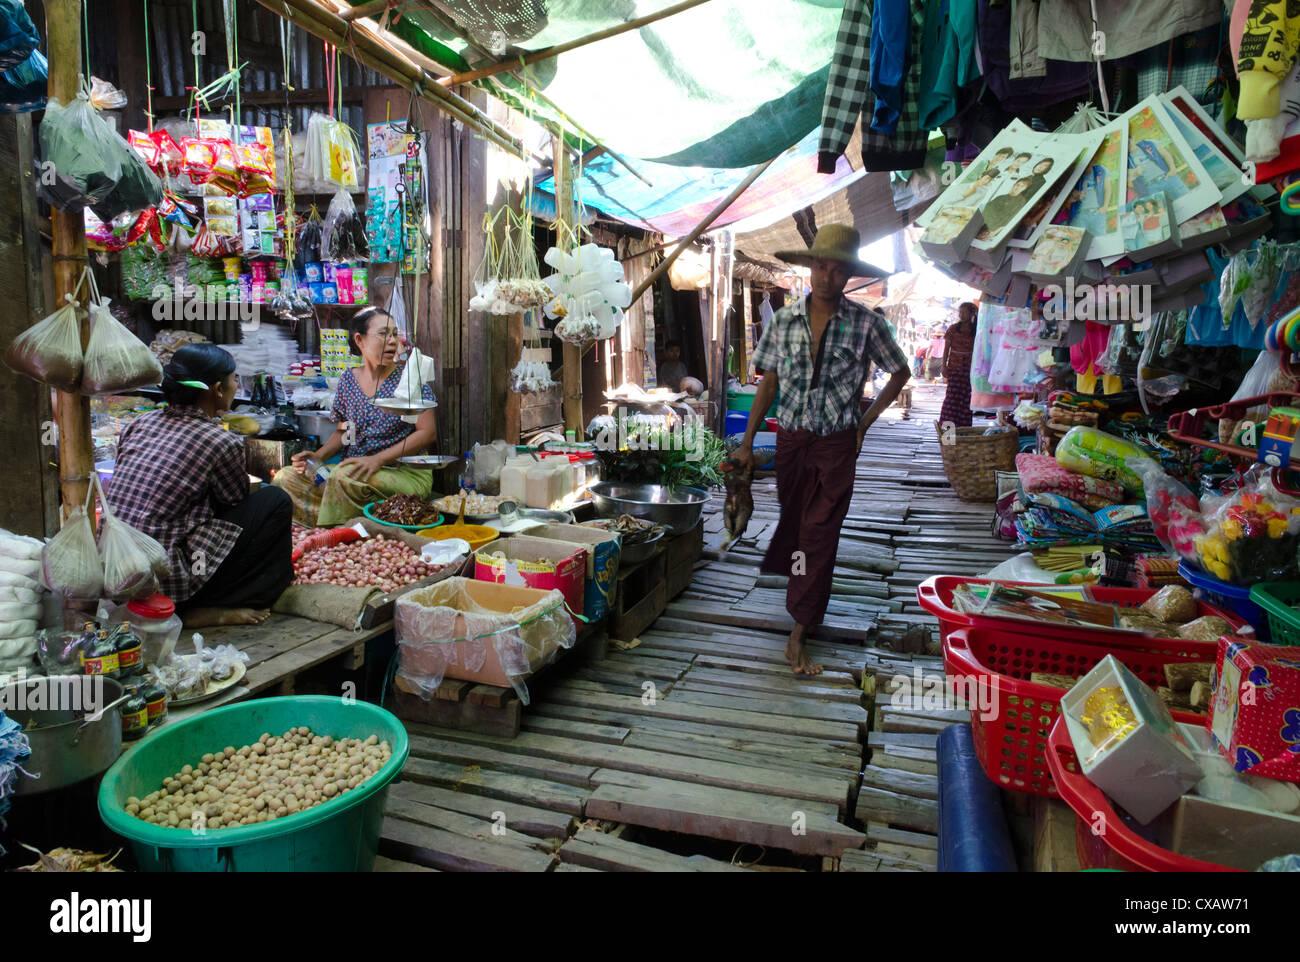 Khan Beth marché journalier sur la voie navigable, delta de l'Irrawaddy, le Myanmar (Birmanie), l'Asie Photo Stock